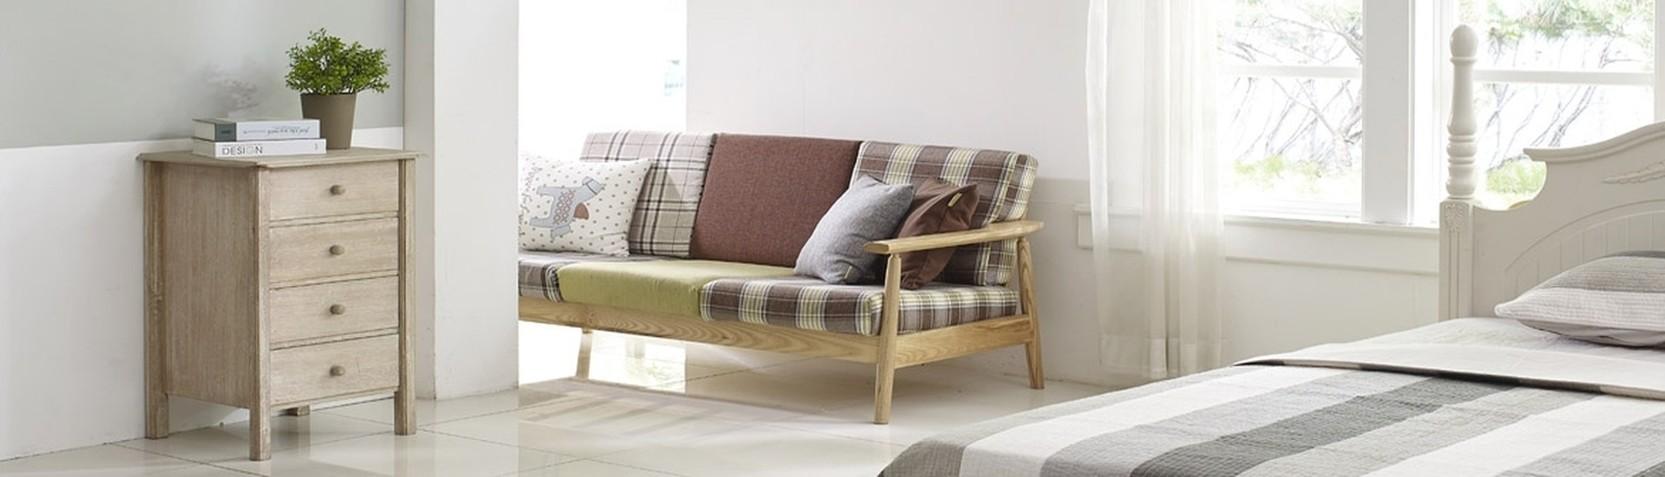 Interior Styles - Scandinavian Style